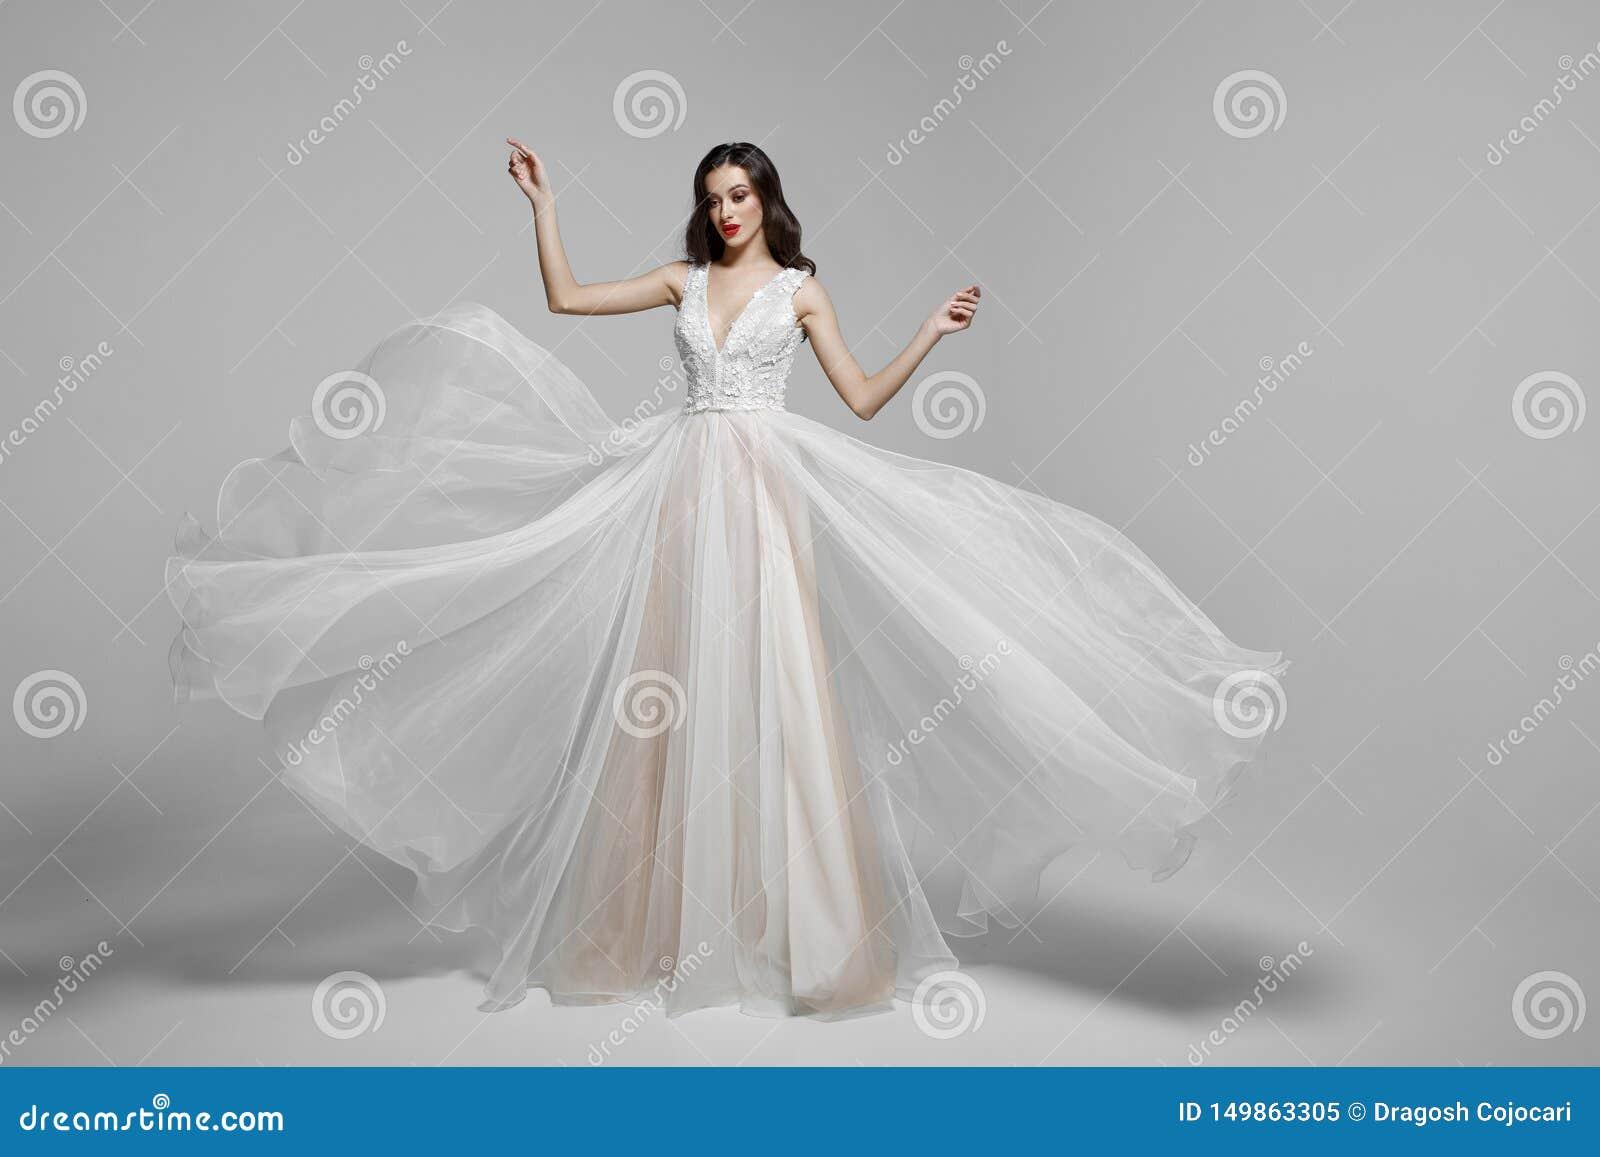 Retrato de la belleza de una mujer joven en casarse el vestido largo de la moda en la tela del vuelo que agita, paño que agita en